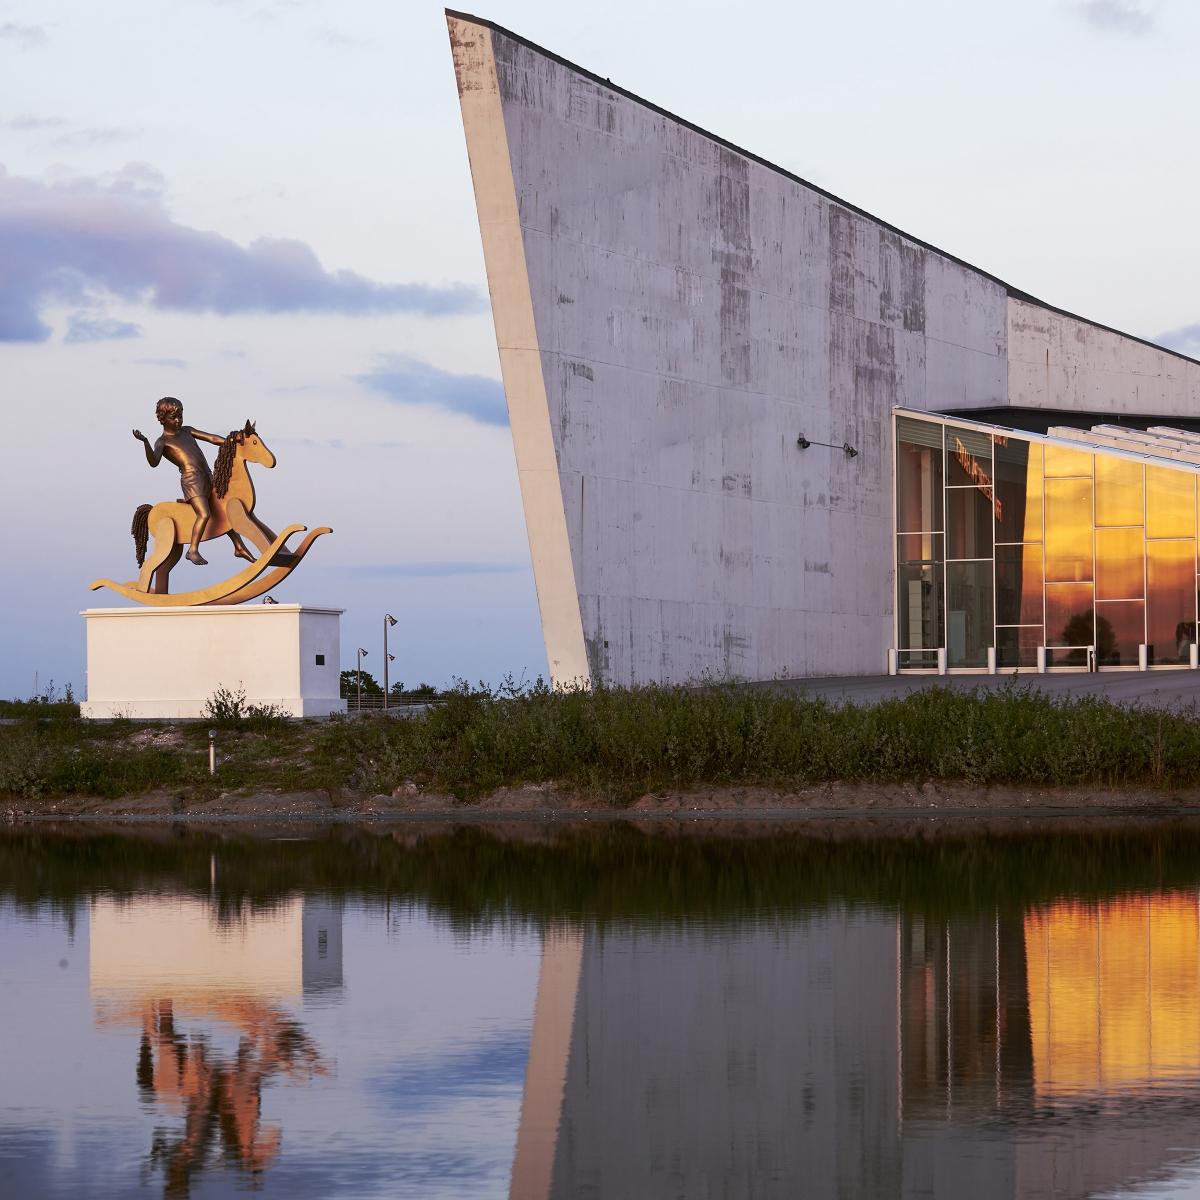 ARKEN_Museum für moderne Kunst_Kopenhagen_Foto von Torben Petersen